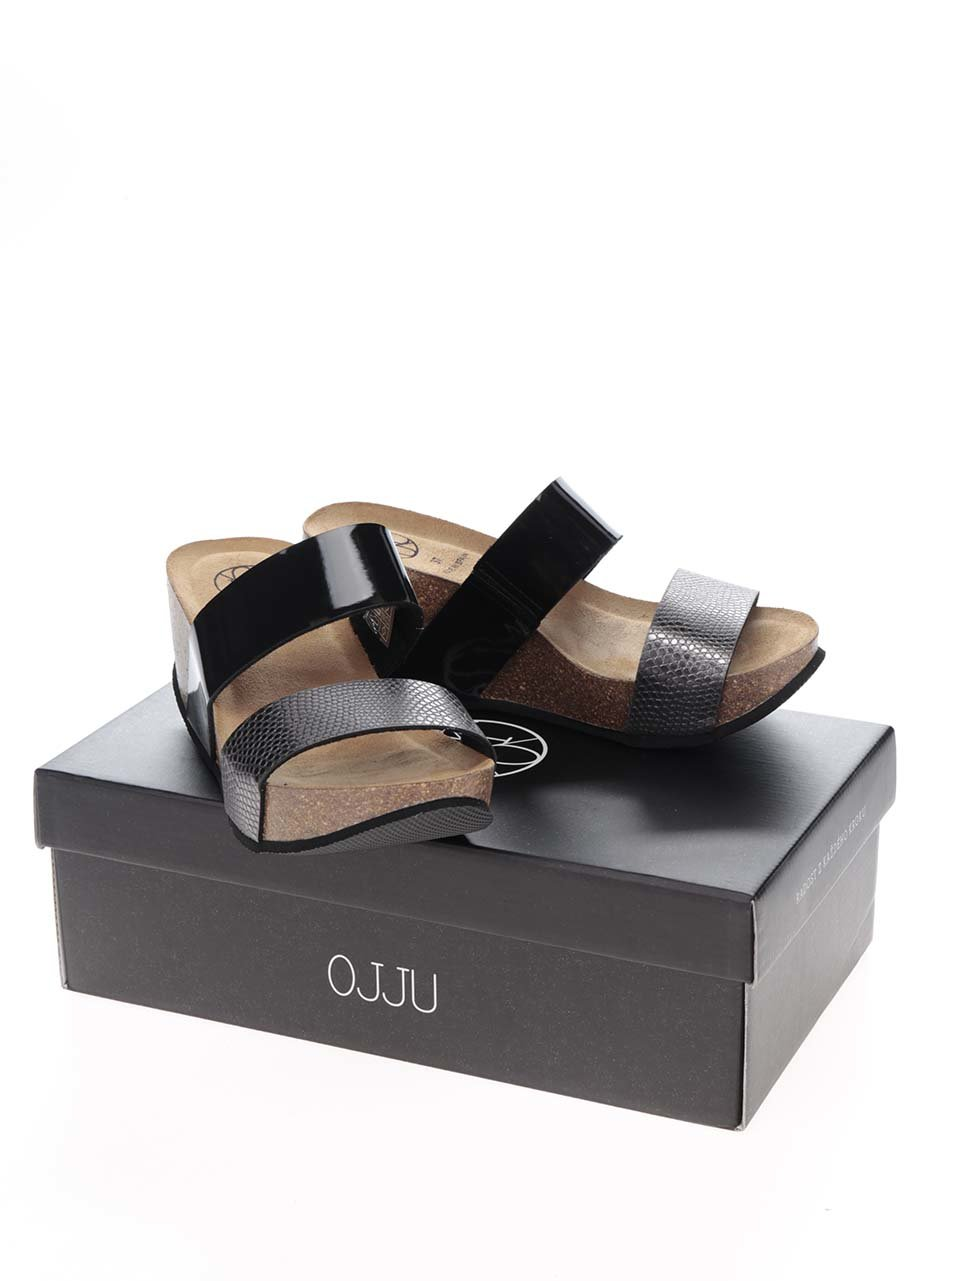 007ff67668f7b Sivo-čierne dámske šľapky na platforme OJJU | ZOOT.sk